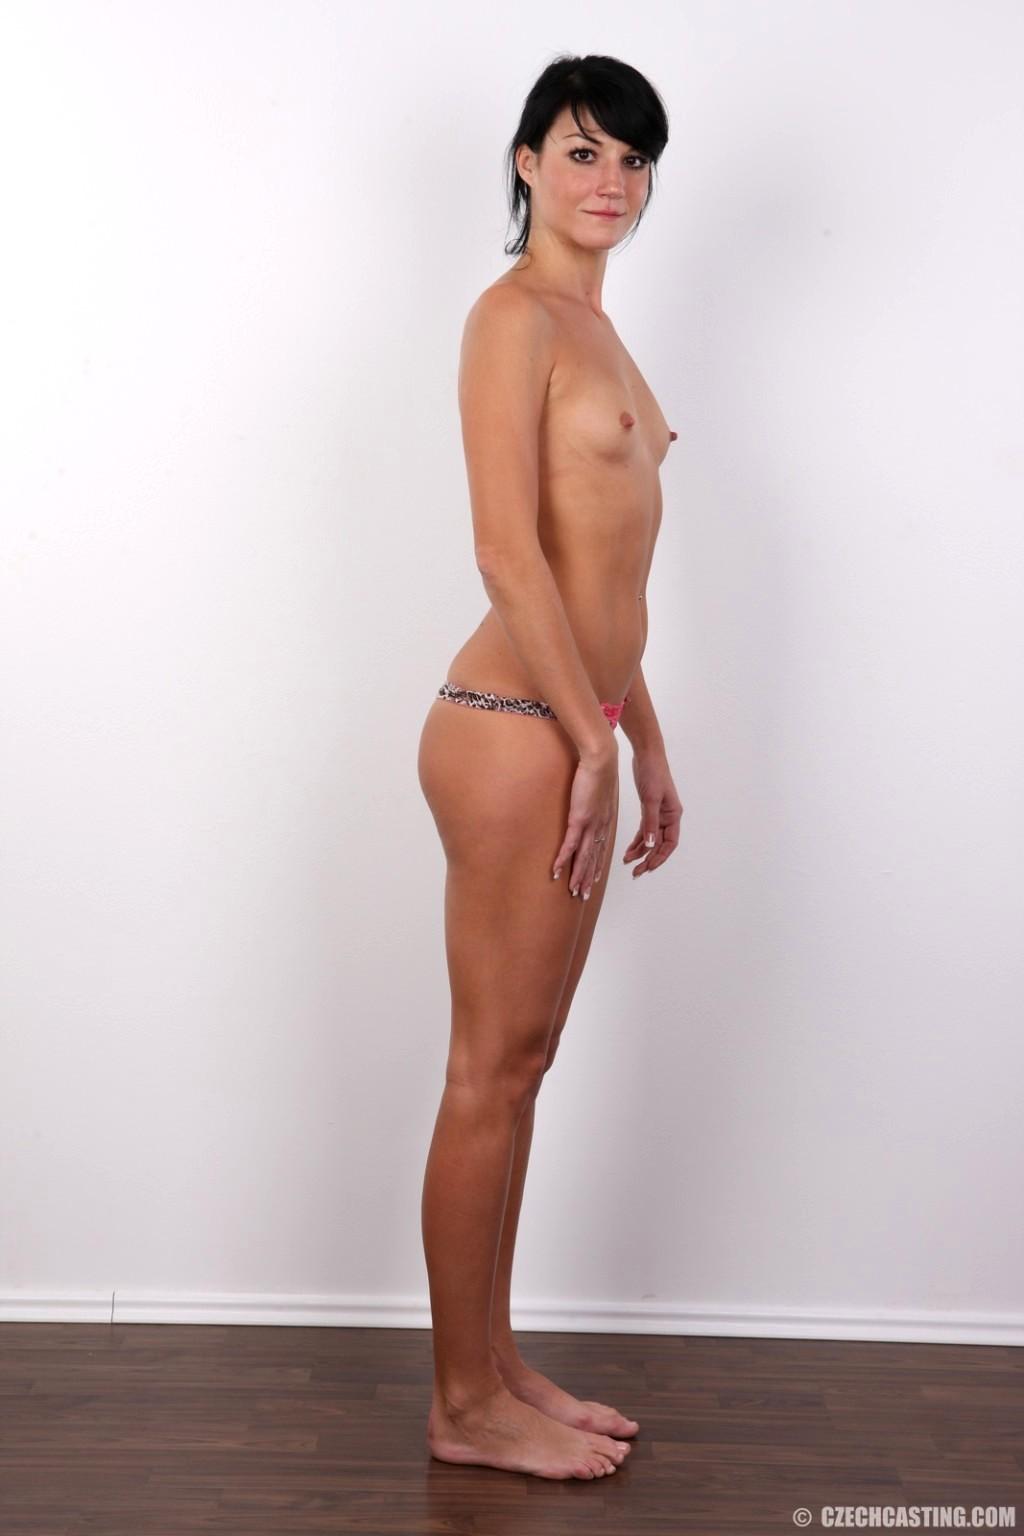 Czech beauty billie star loves it anal up her ass - 1 part 2